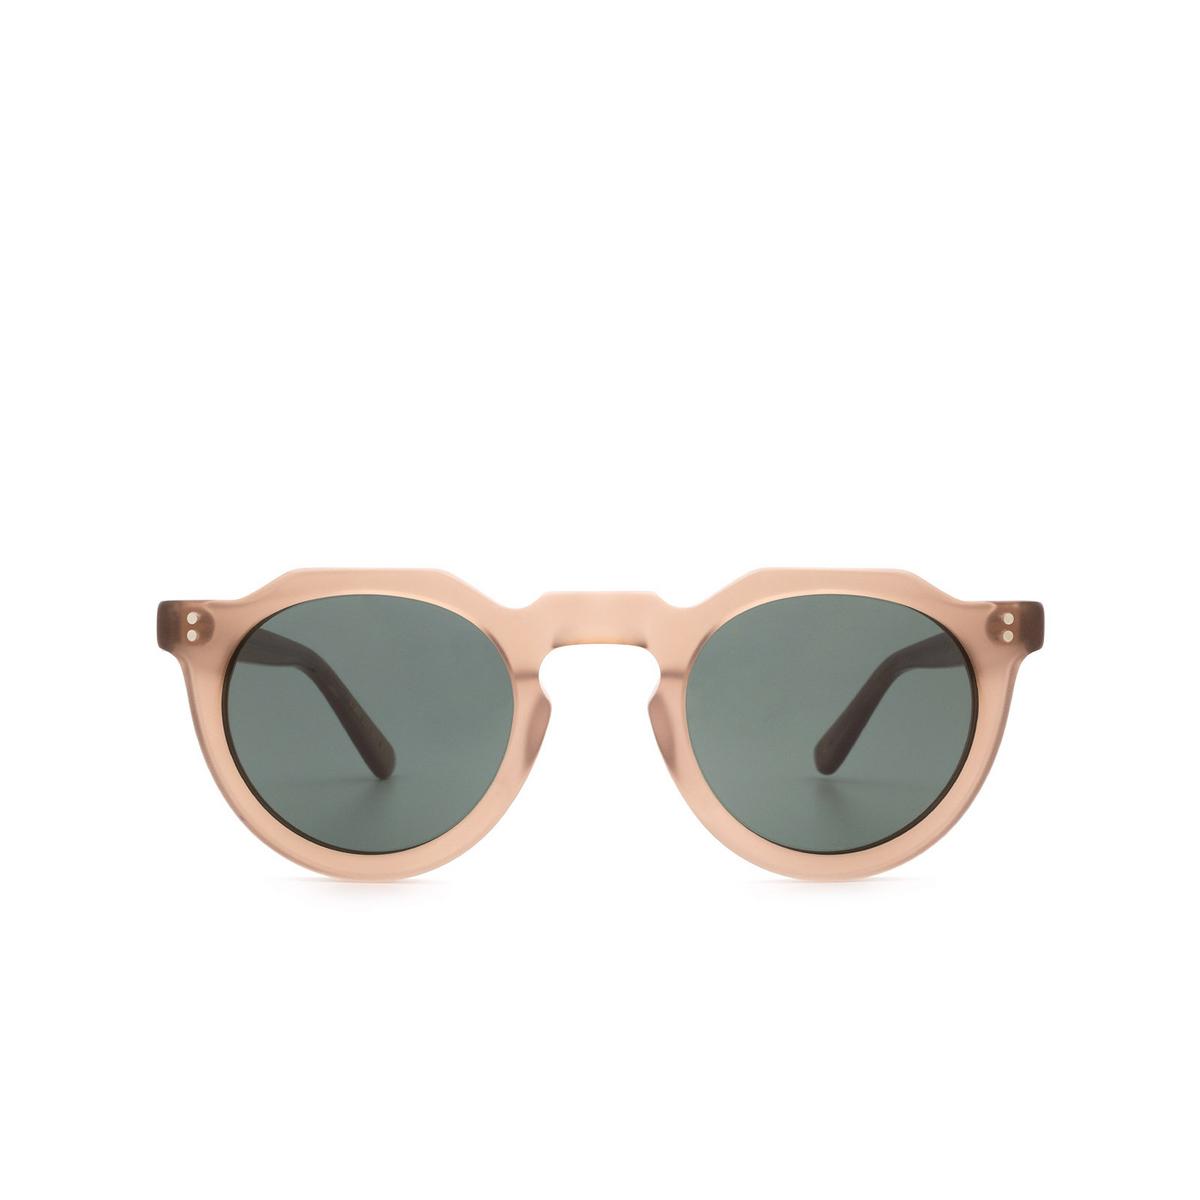 Lesca® Irregular Sunglasses: Picas color Cognac Matt 2.